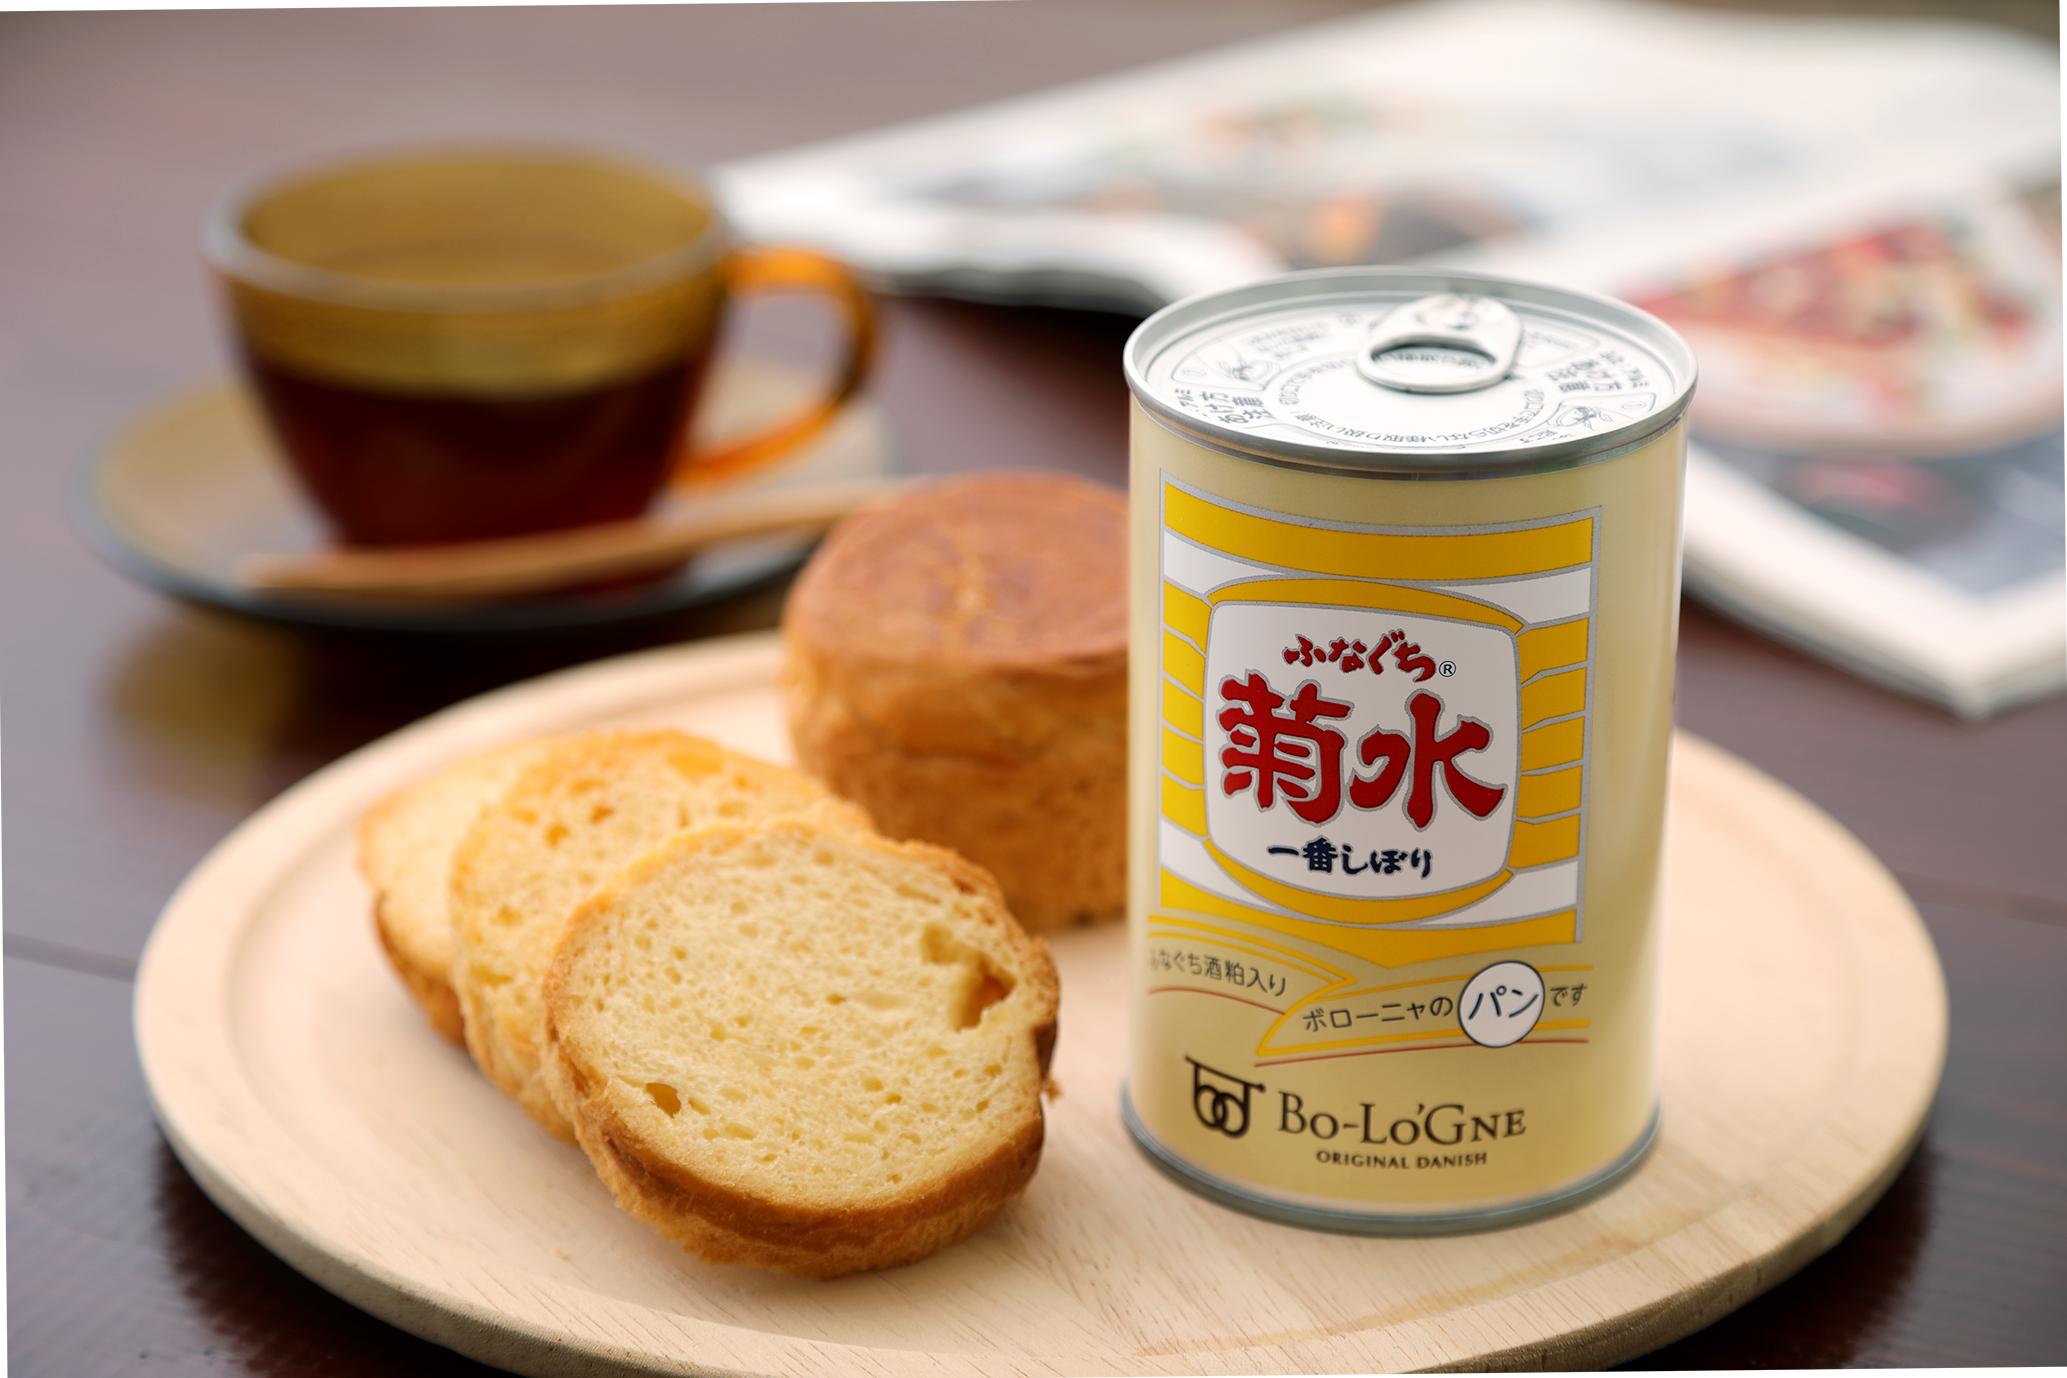 『ふなぐち菊水一番しぼり』の酒粕入り缶詰パン発売